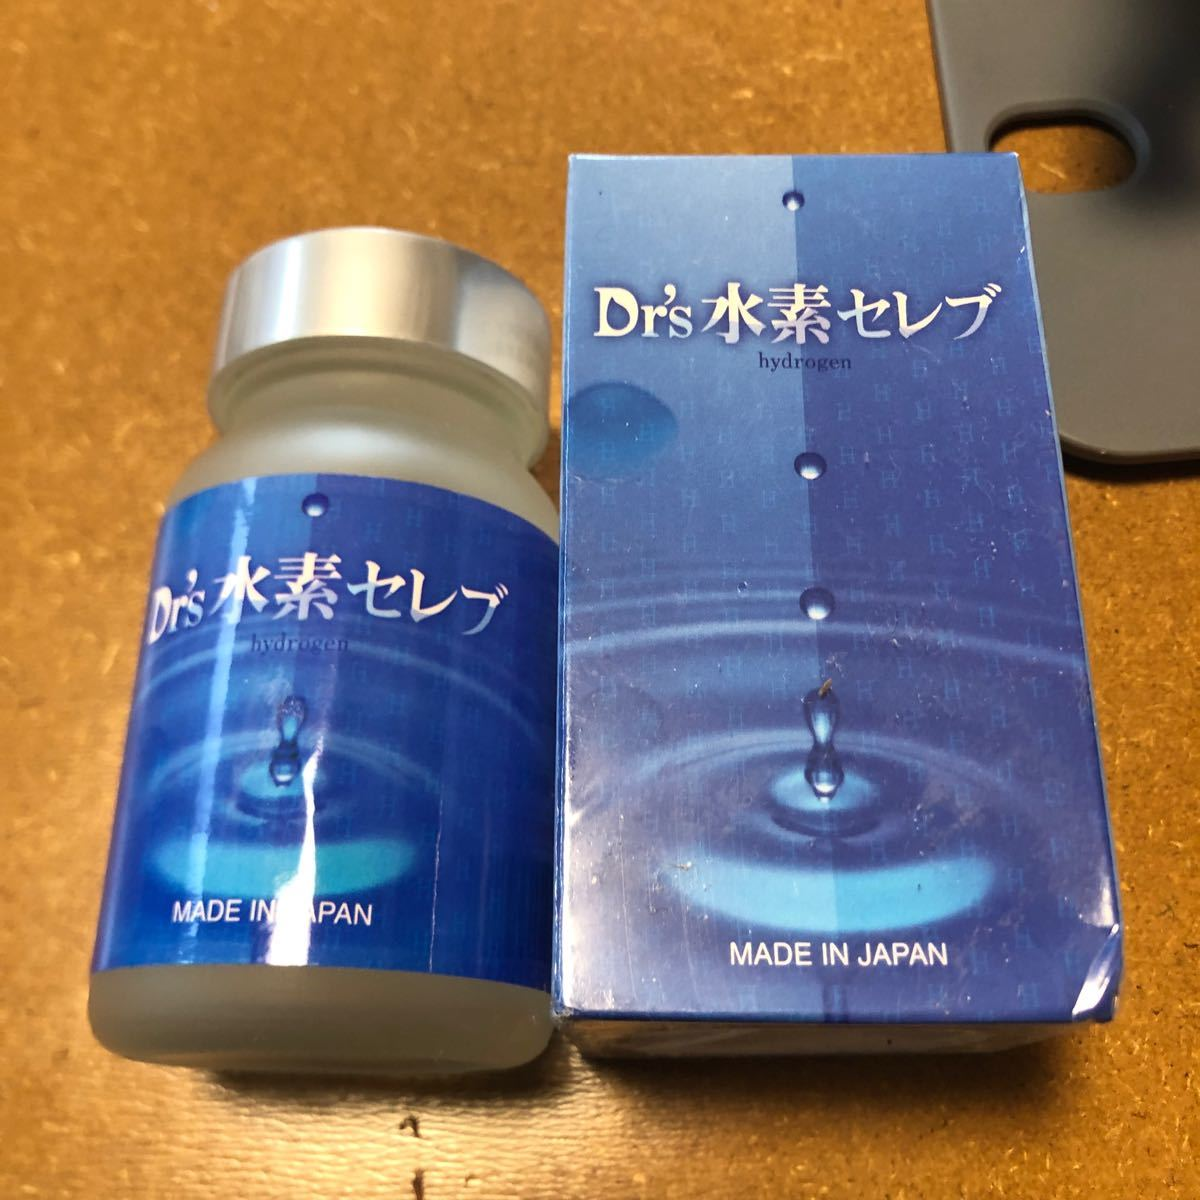 カプセル 効果 水素 乳酸菌×水素カプセルDXで超・腸美活!乳酸菌と水素カプセルのダブル効果がスゴイ